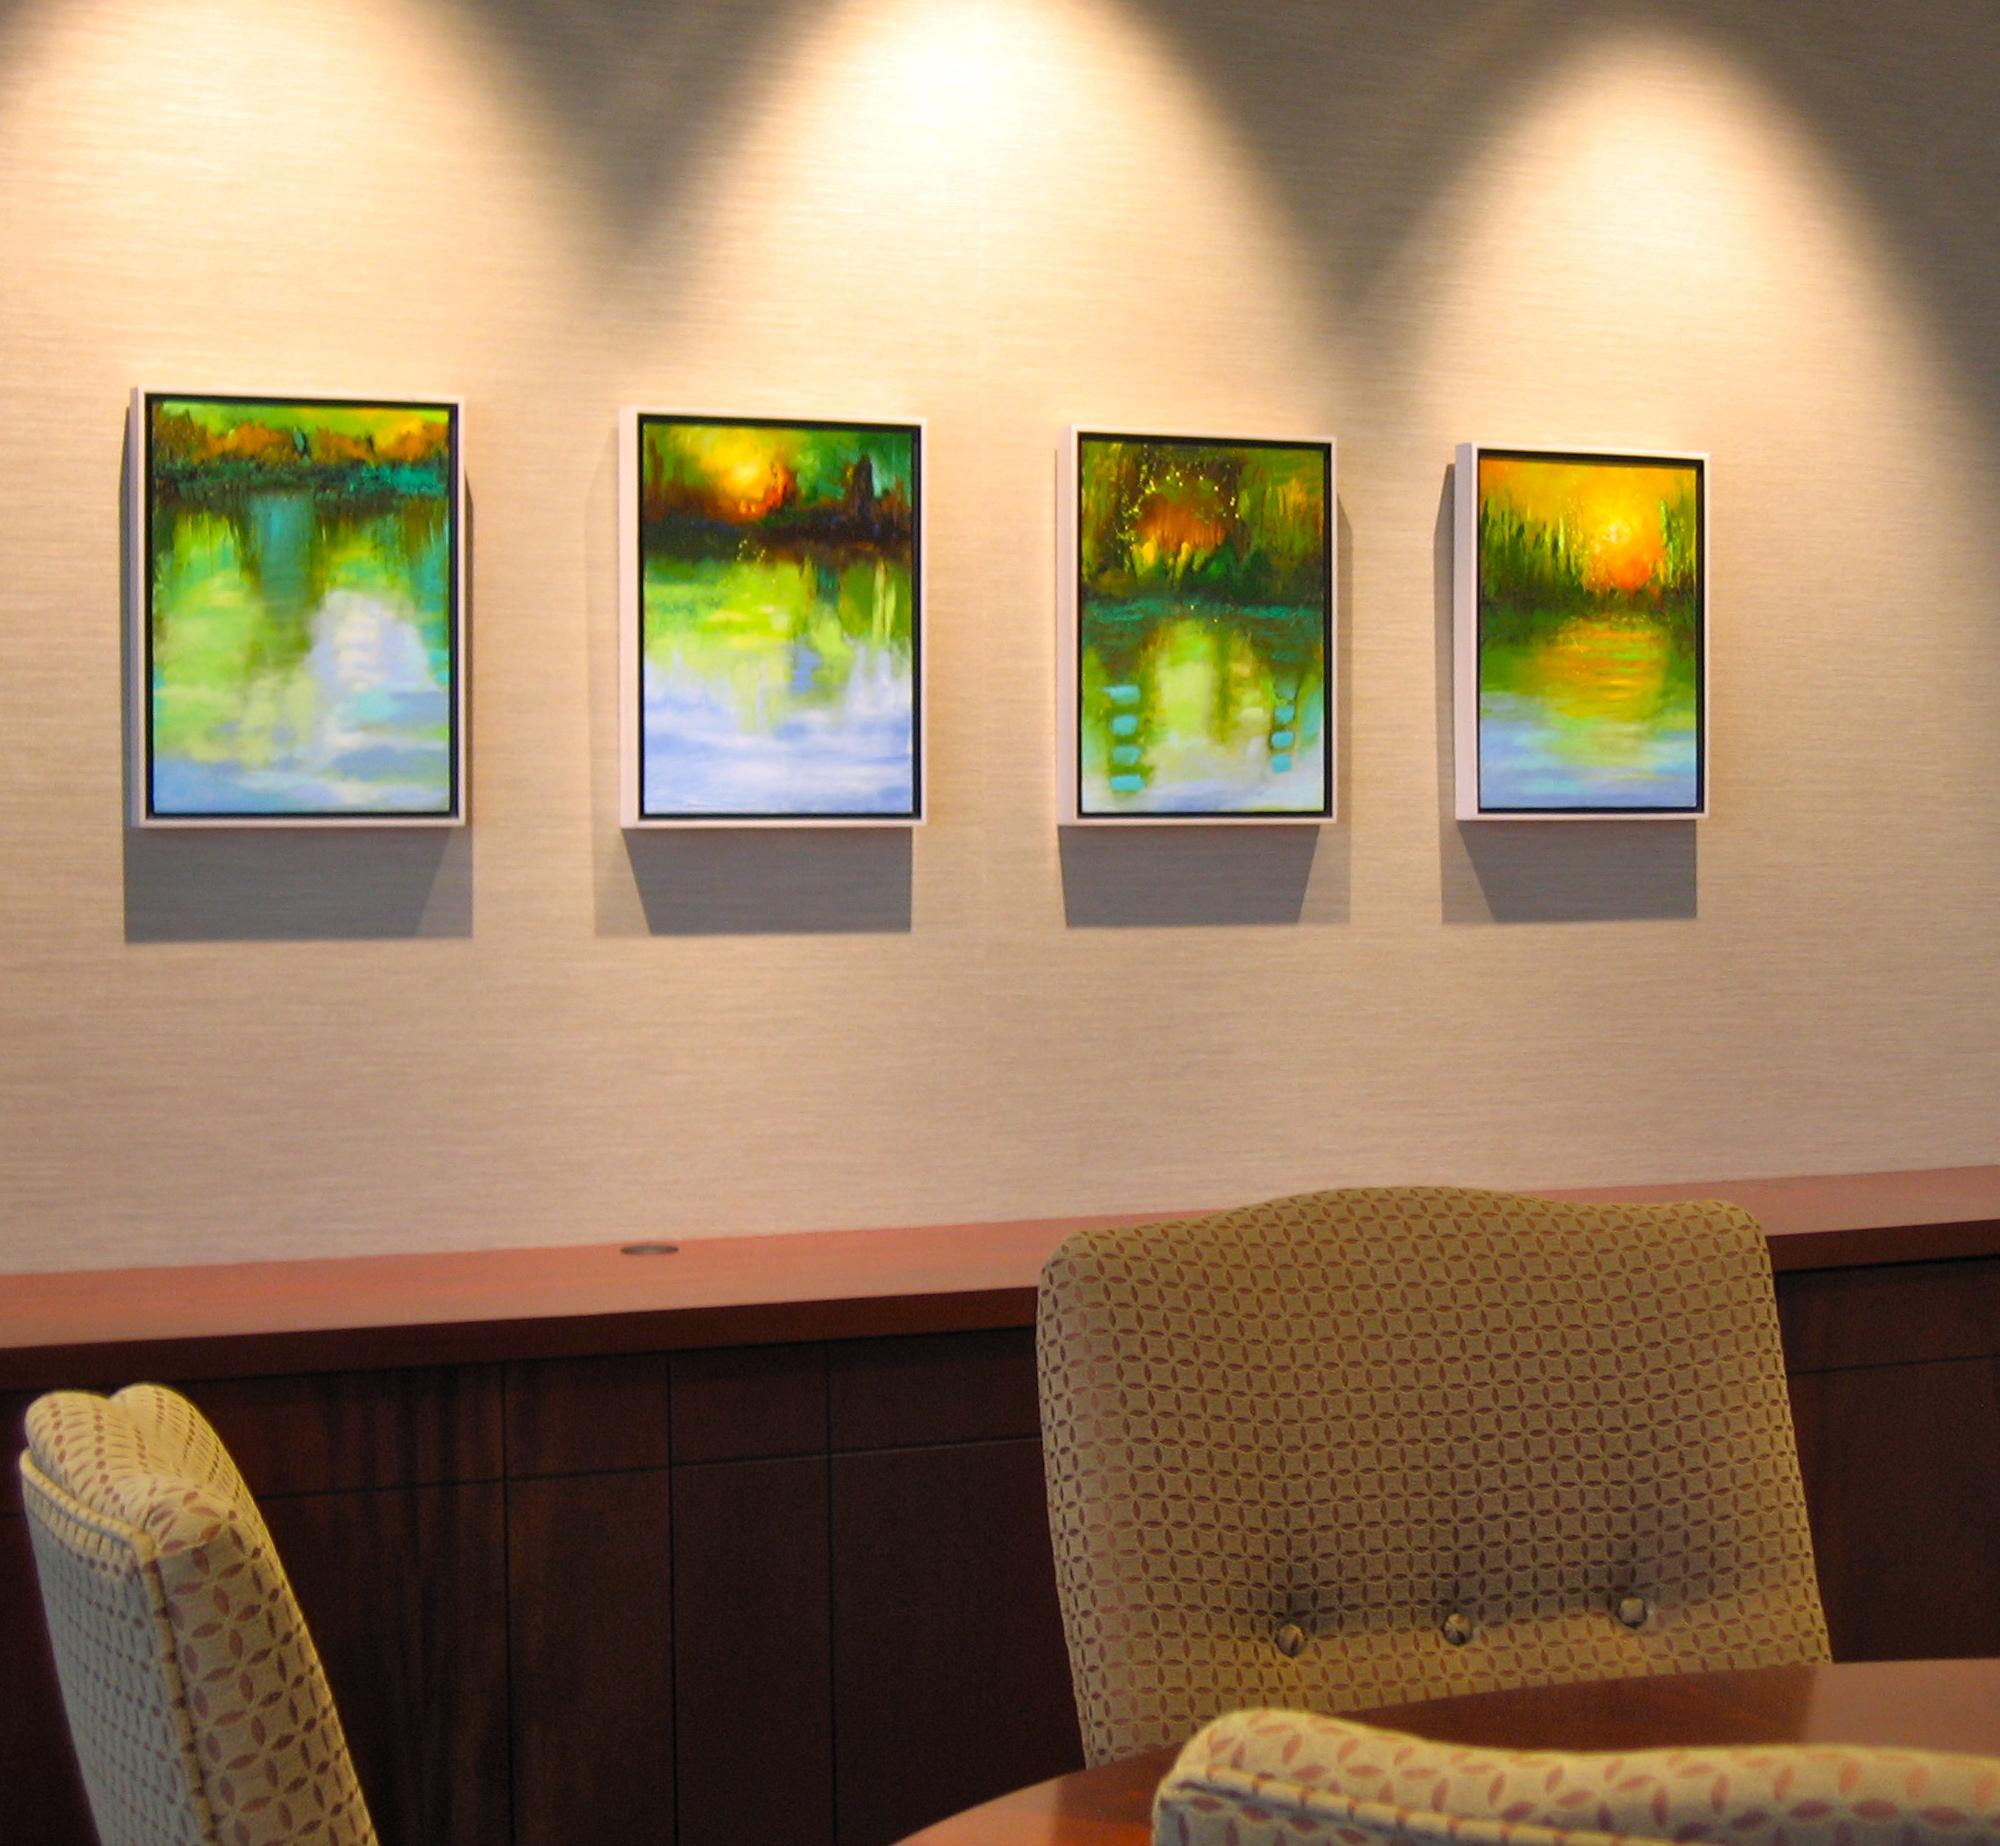 A series of encaustic paintings by Leslie Neumann